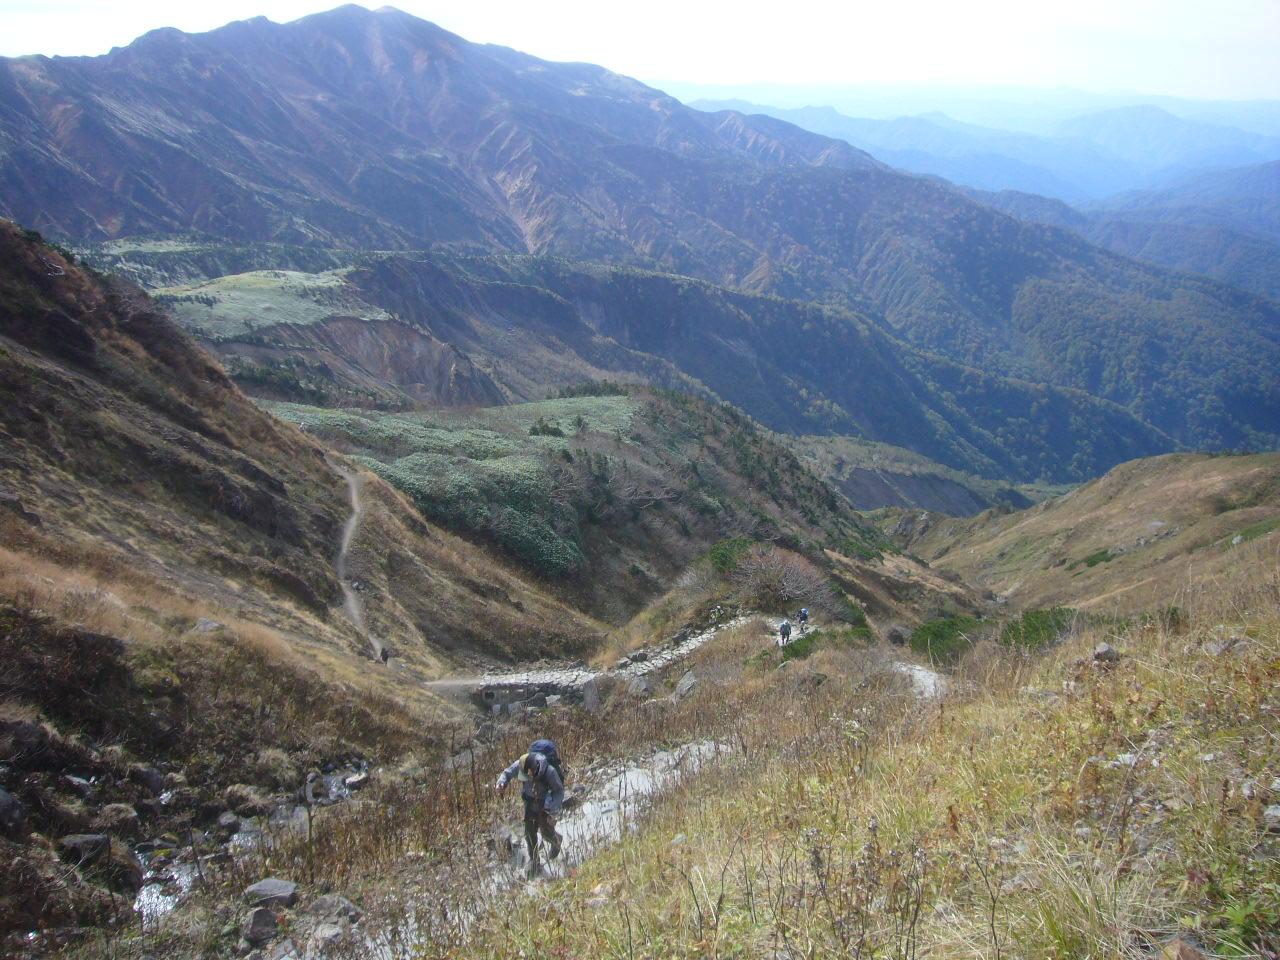 12曲り急登から 別山 H28.10.14